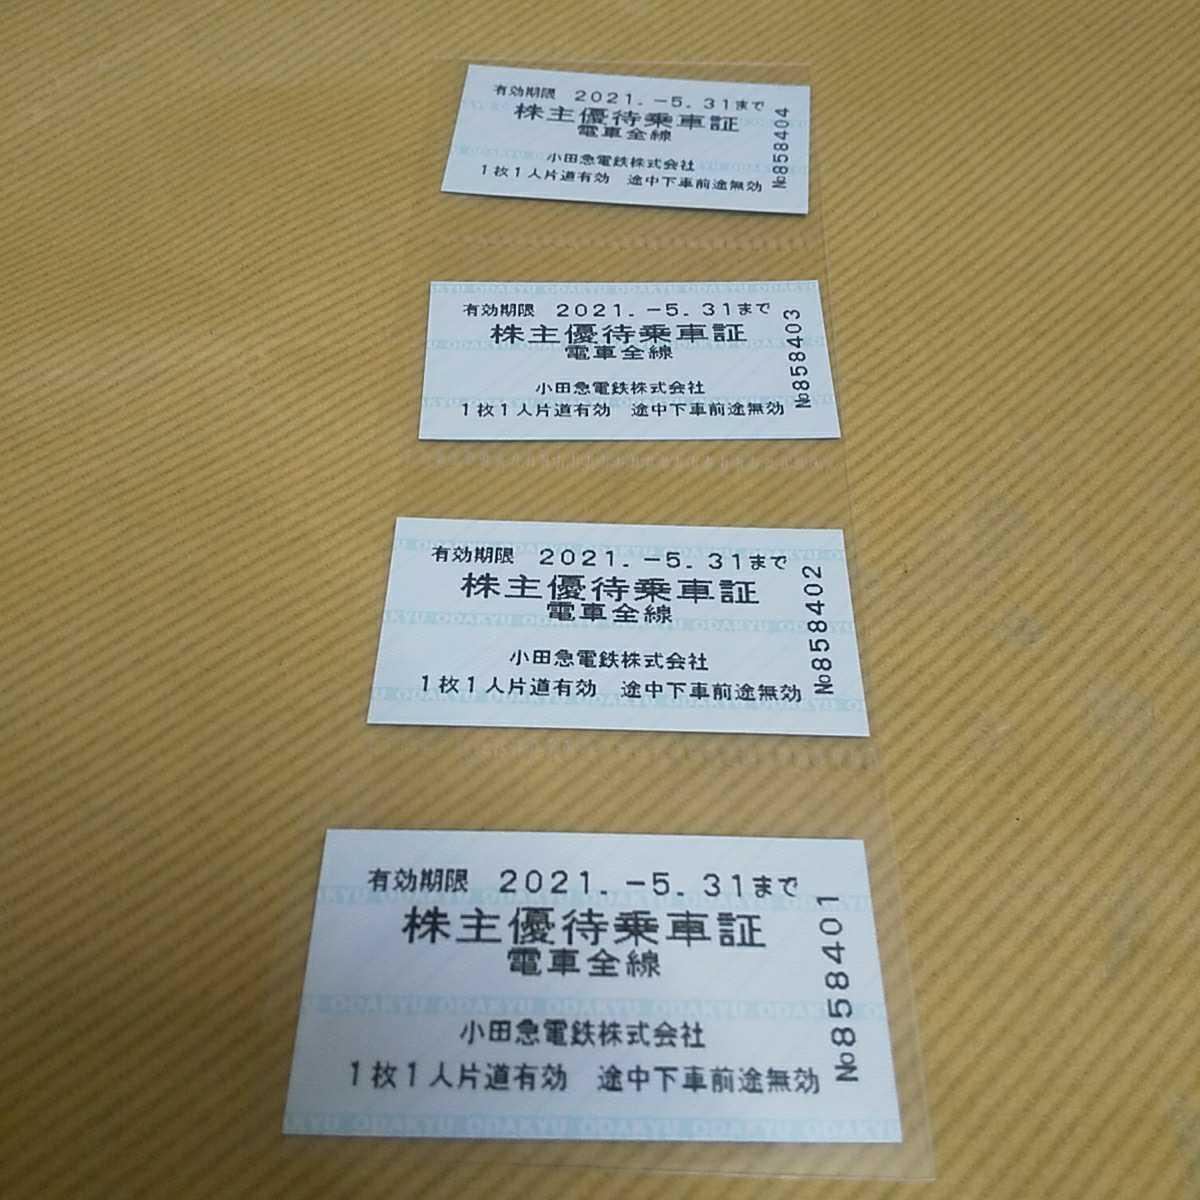 未使用 小田急電鉄 株主優待乗車証 電車全線 有効期限 2021年 5月31日 迄 4枚セット_画像1